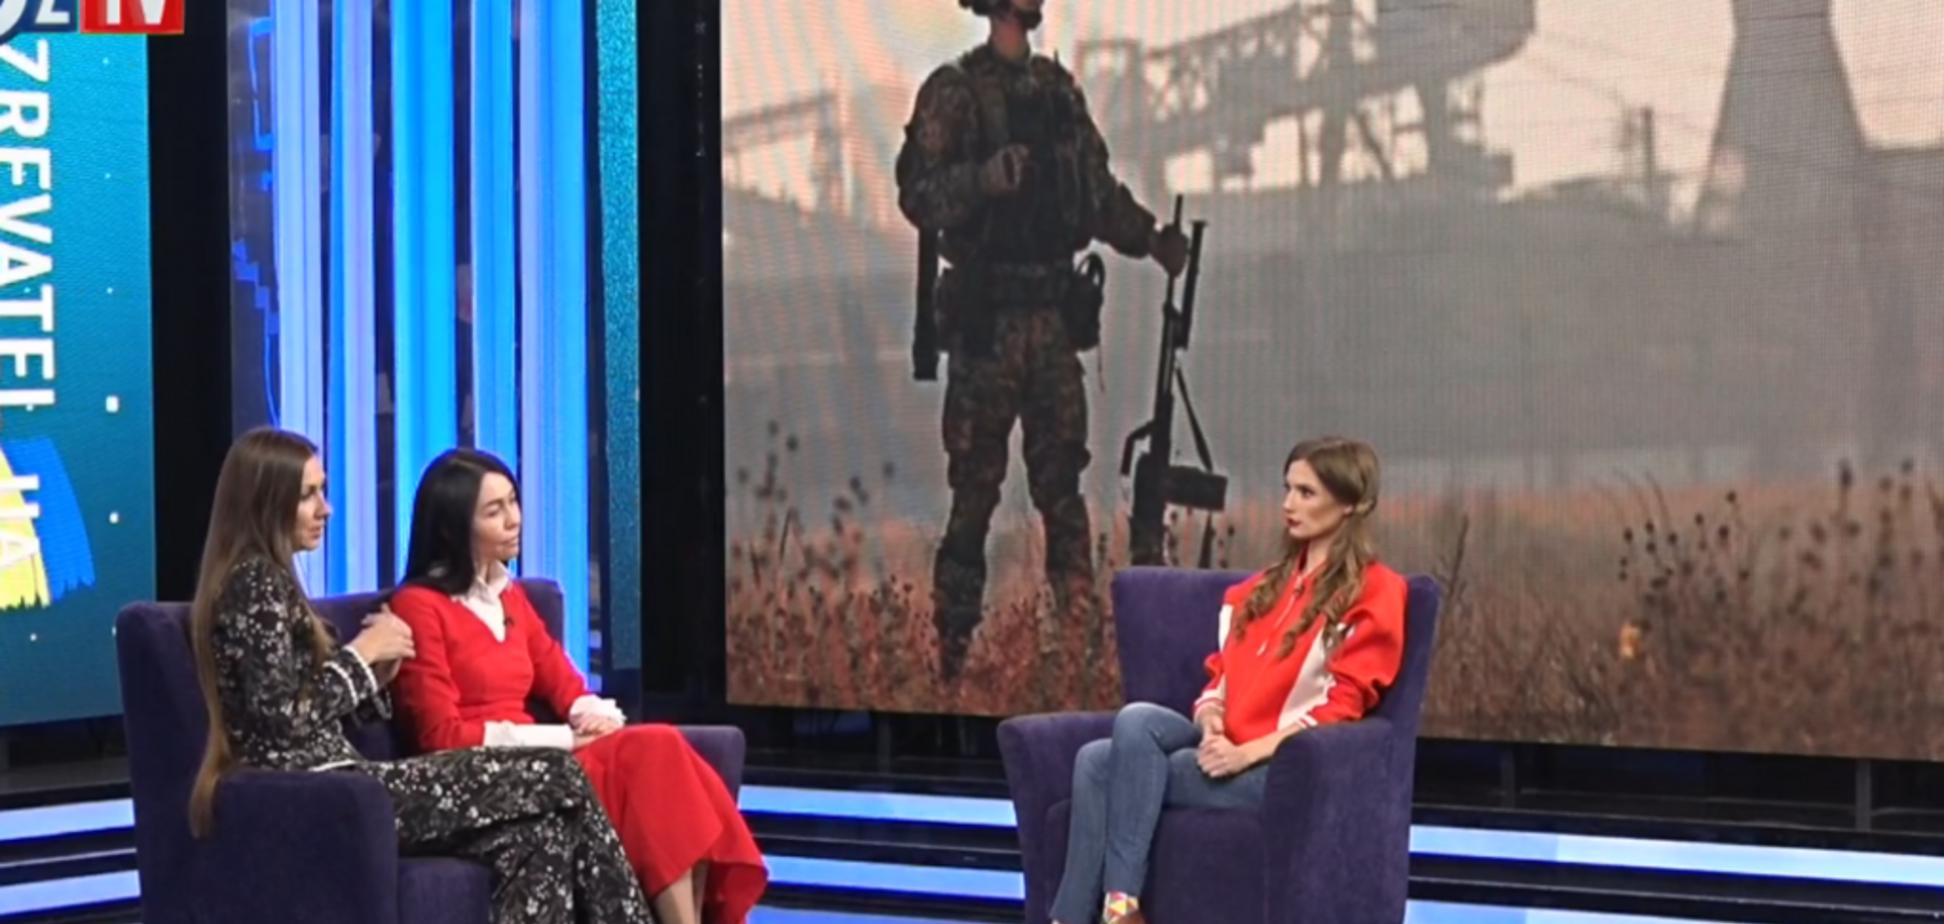 Помощь волонтеров сейчас больше нужна ветеранам, а не армии - Лиля Болбат